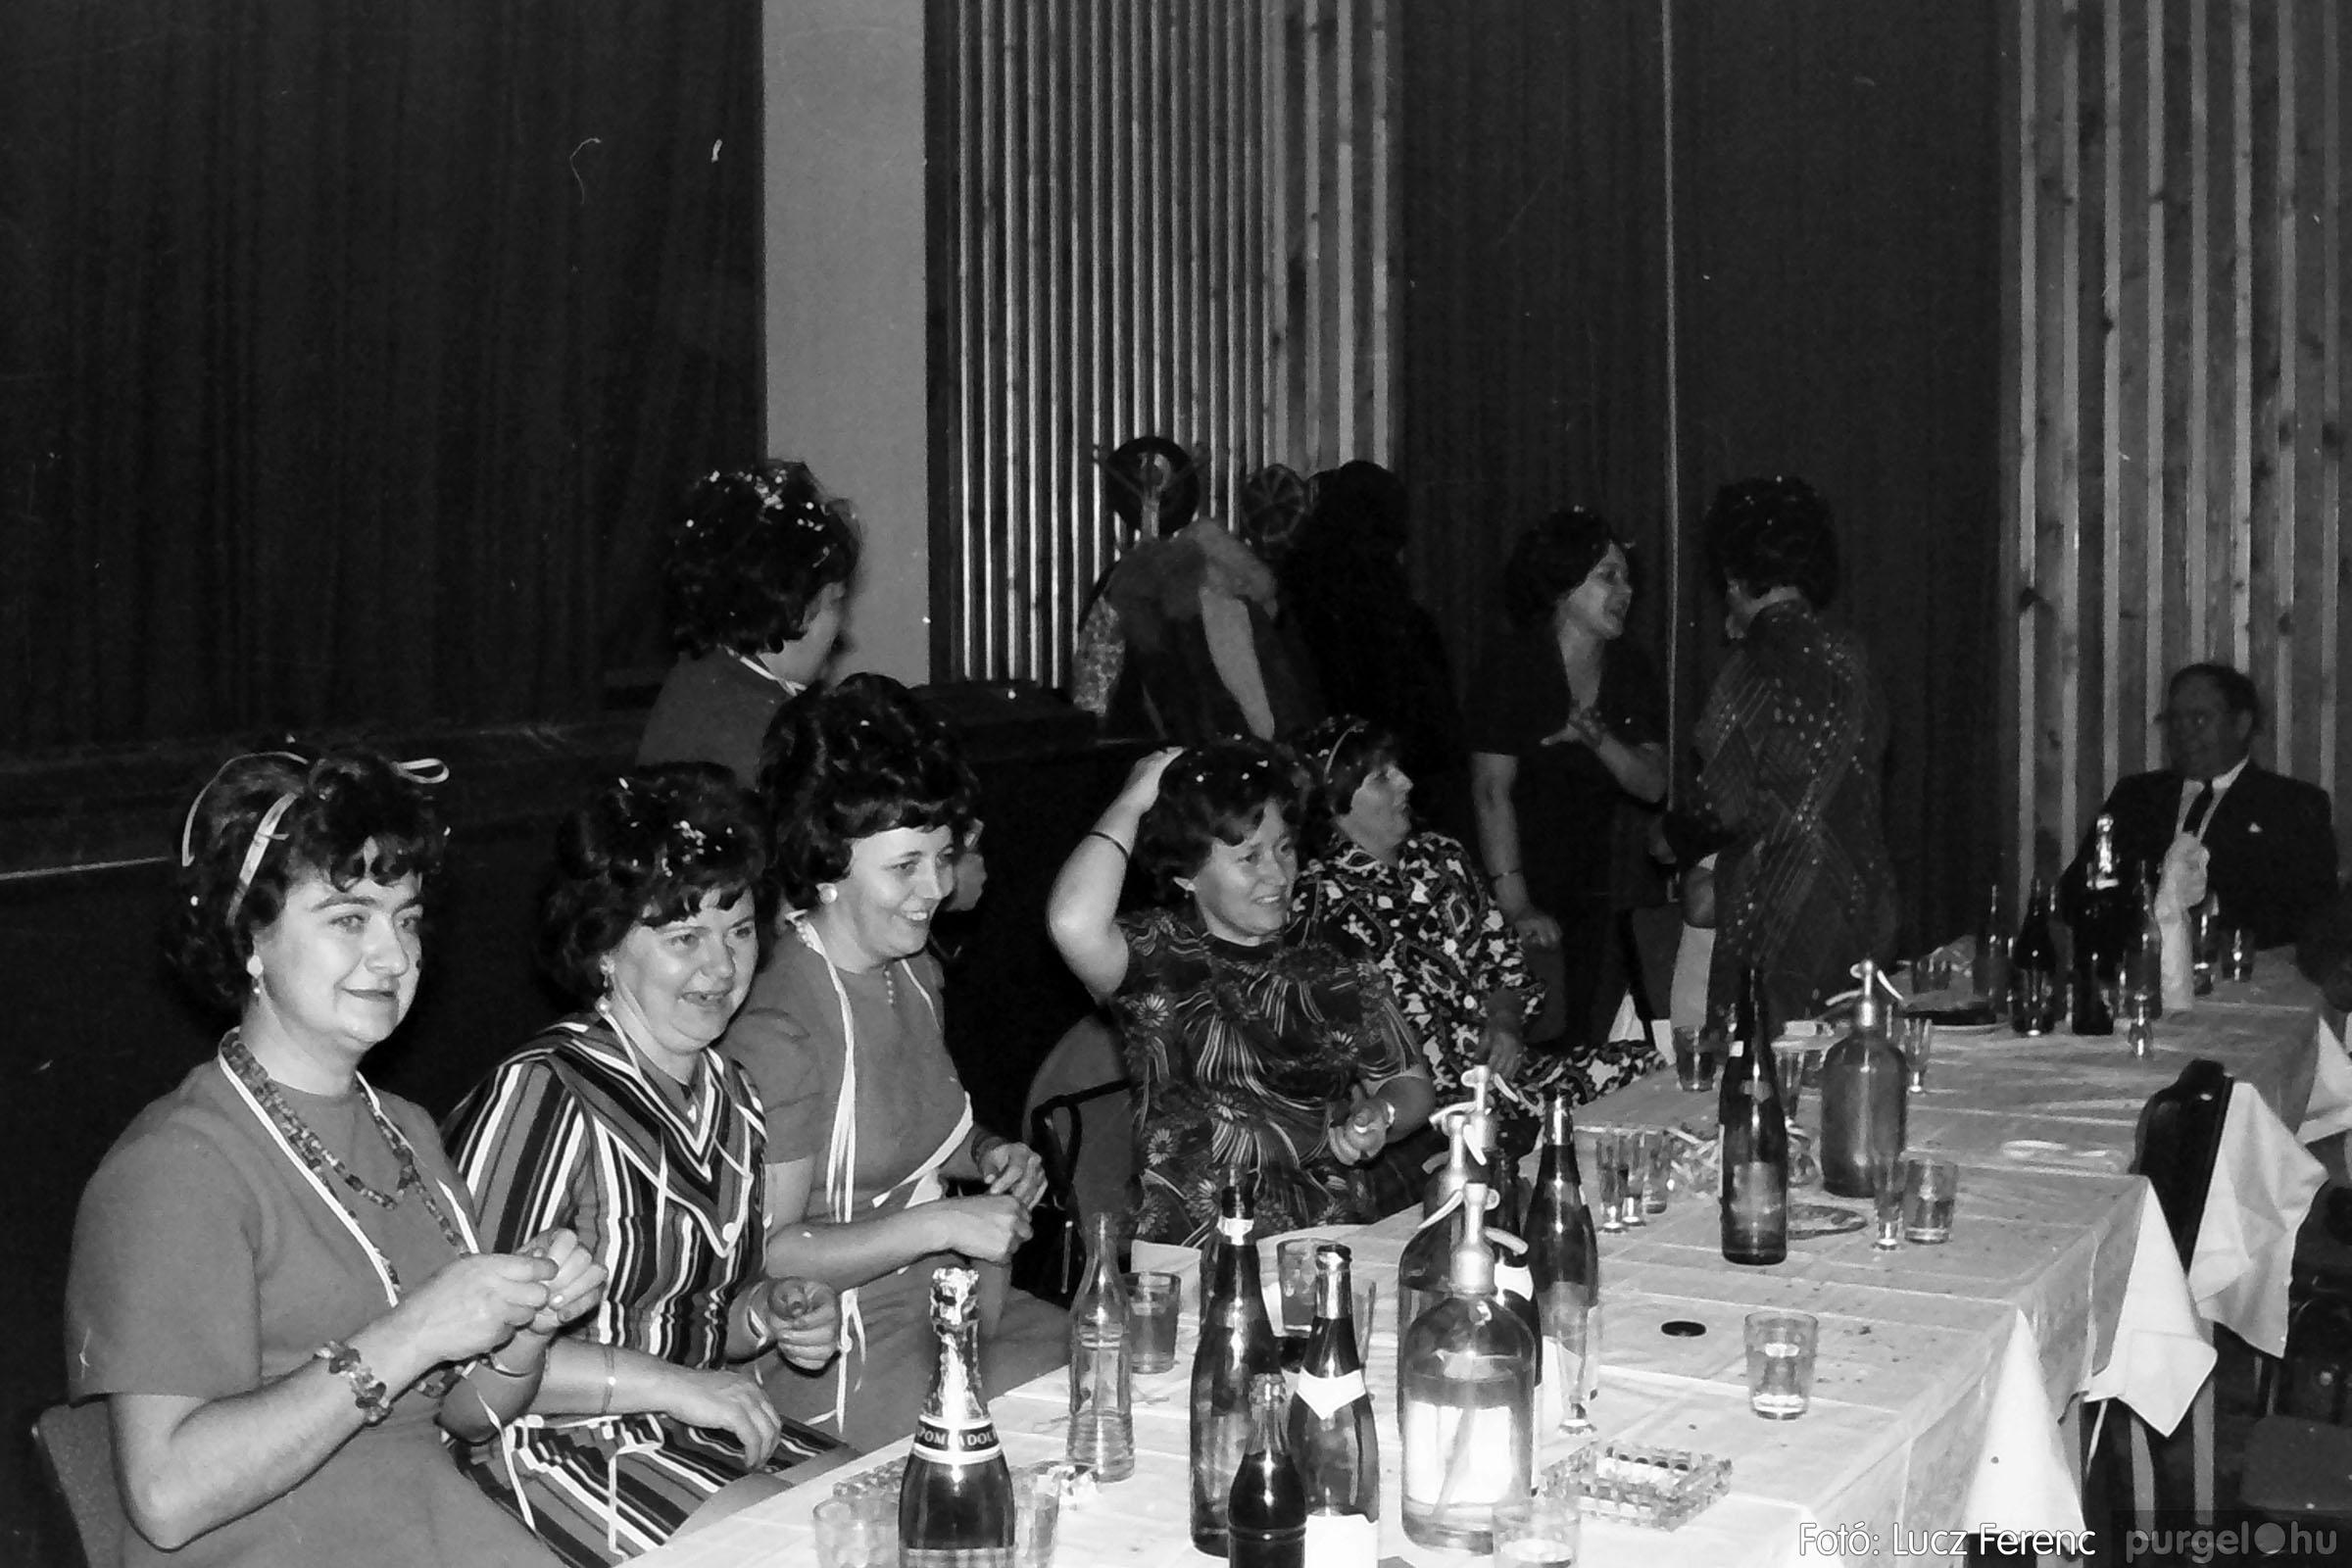 030. 1975.12.31. Szilveszter a kultúrházban 003 - Fotó: Lucz Ferenc.jpg